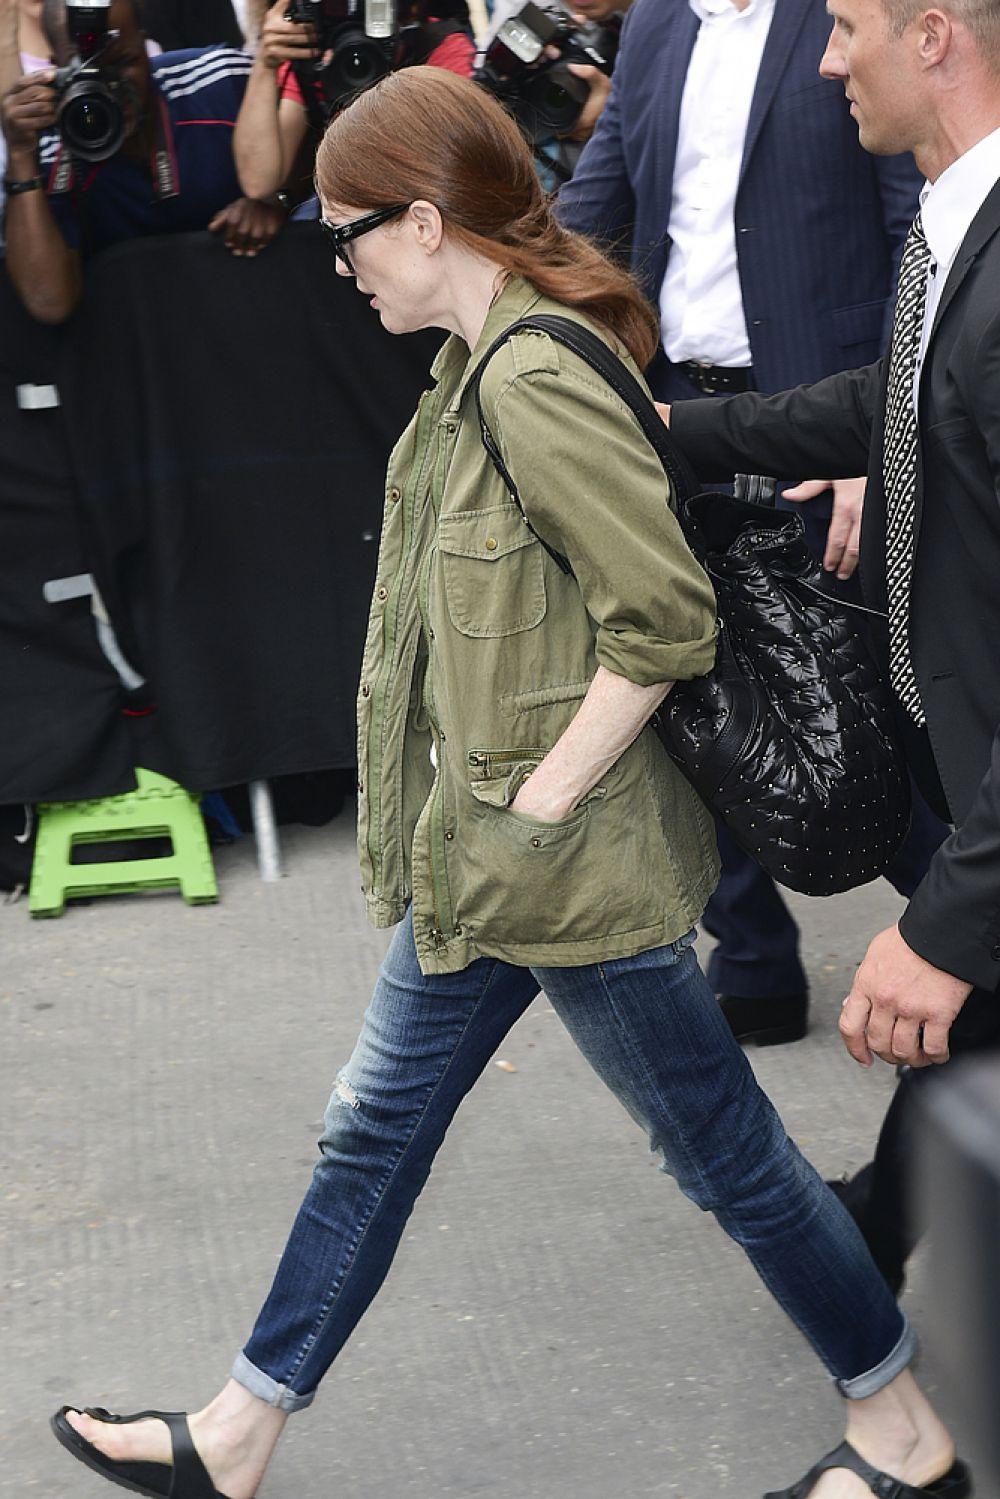 На второй строчке рейтинга оказалась Джулианна Мур. Издание заявило, что она знает, как сделать акцент на своих огненно рыжих волосах.